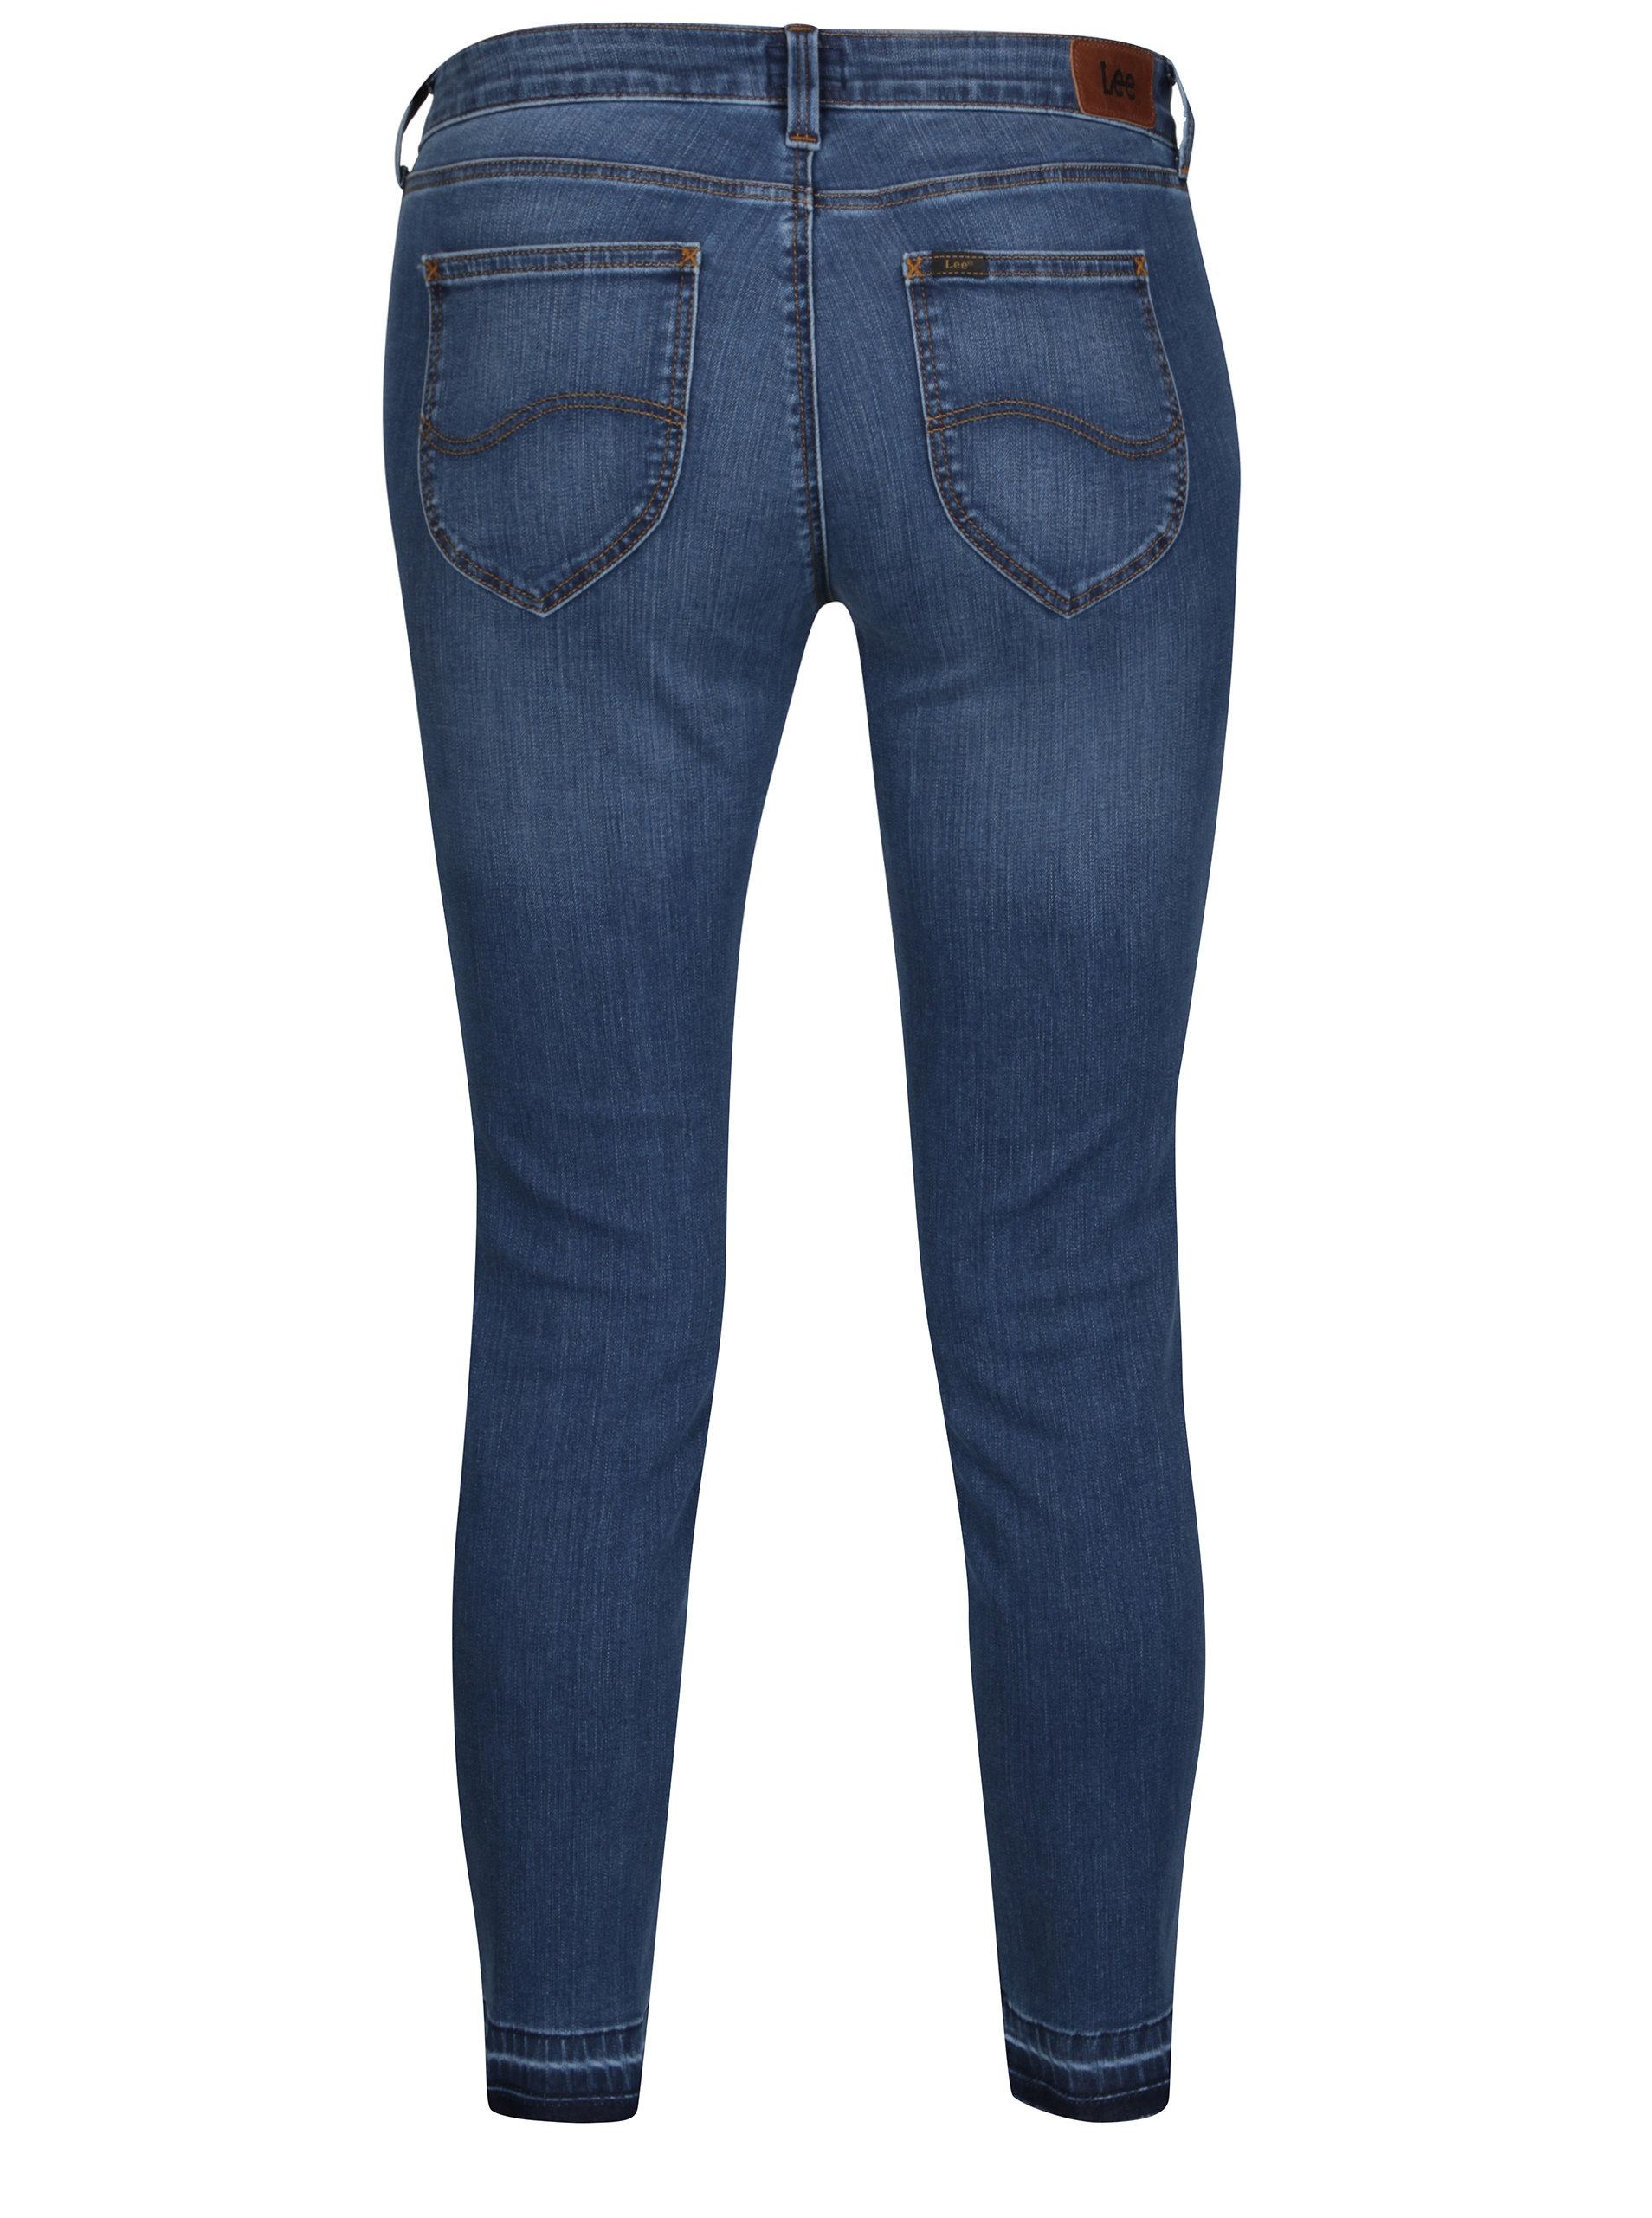 f88e9c7d1d3 Modré dámské zkrácené skinny džíny s nízkým pasem Lee Scarlett ...